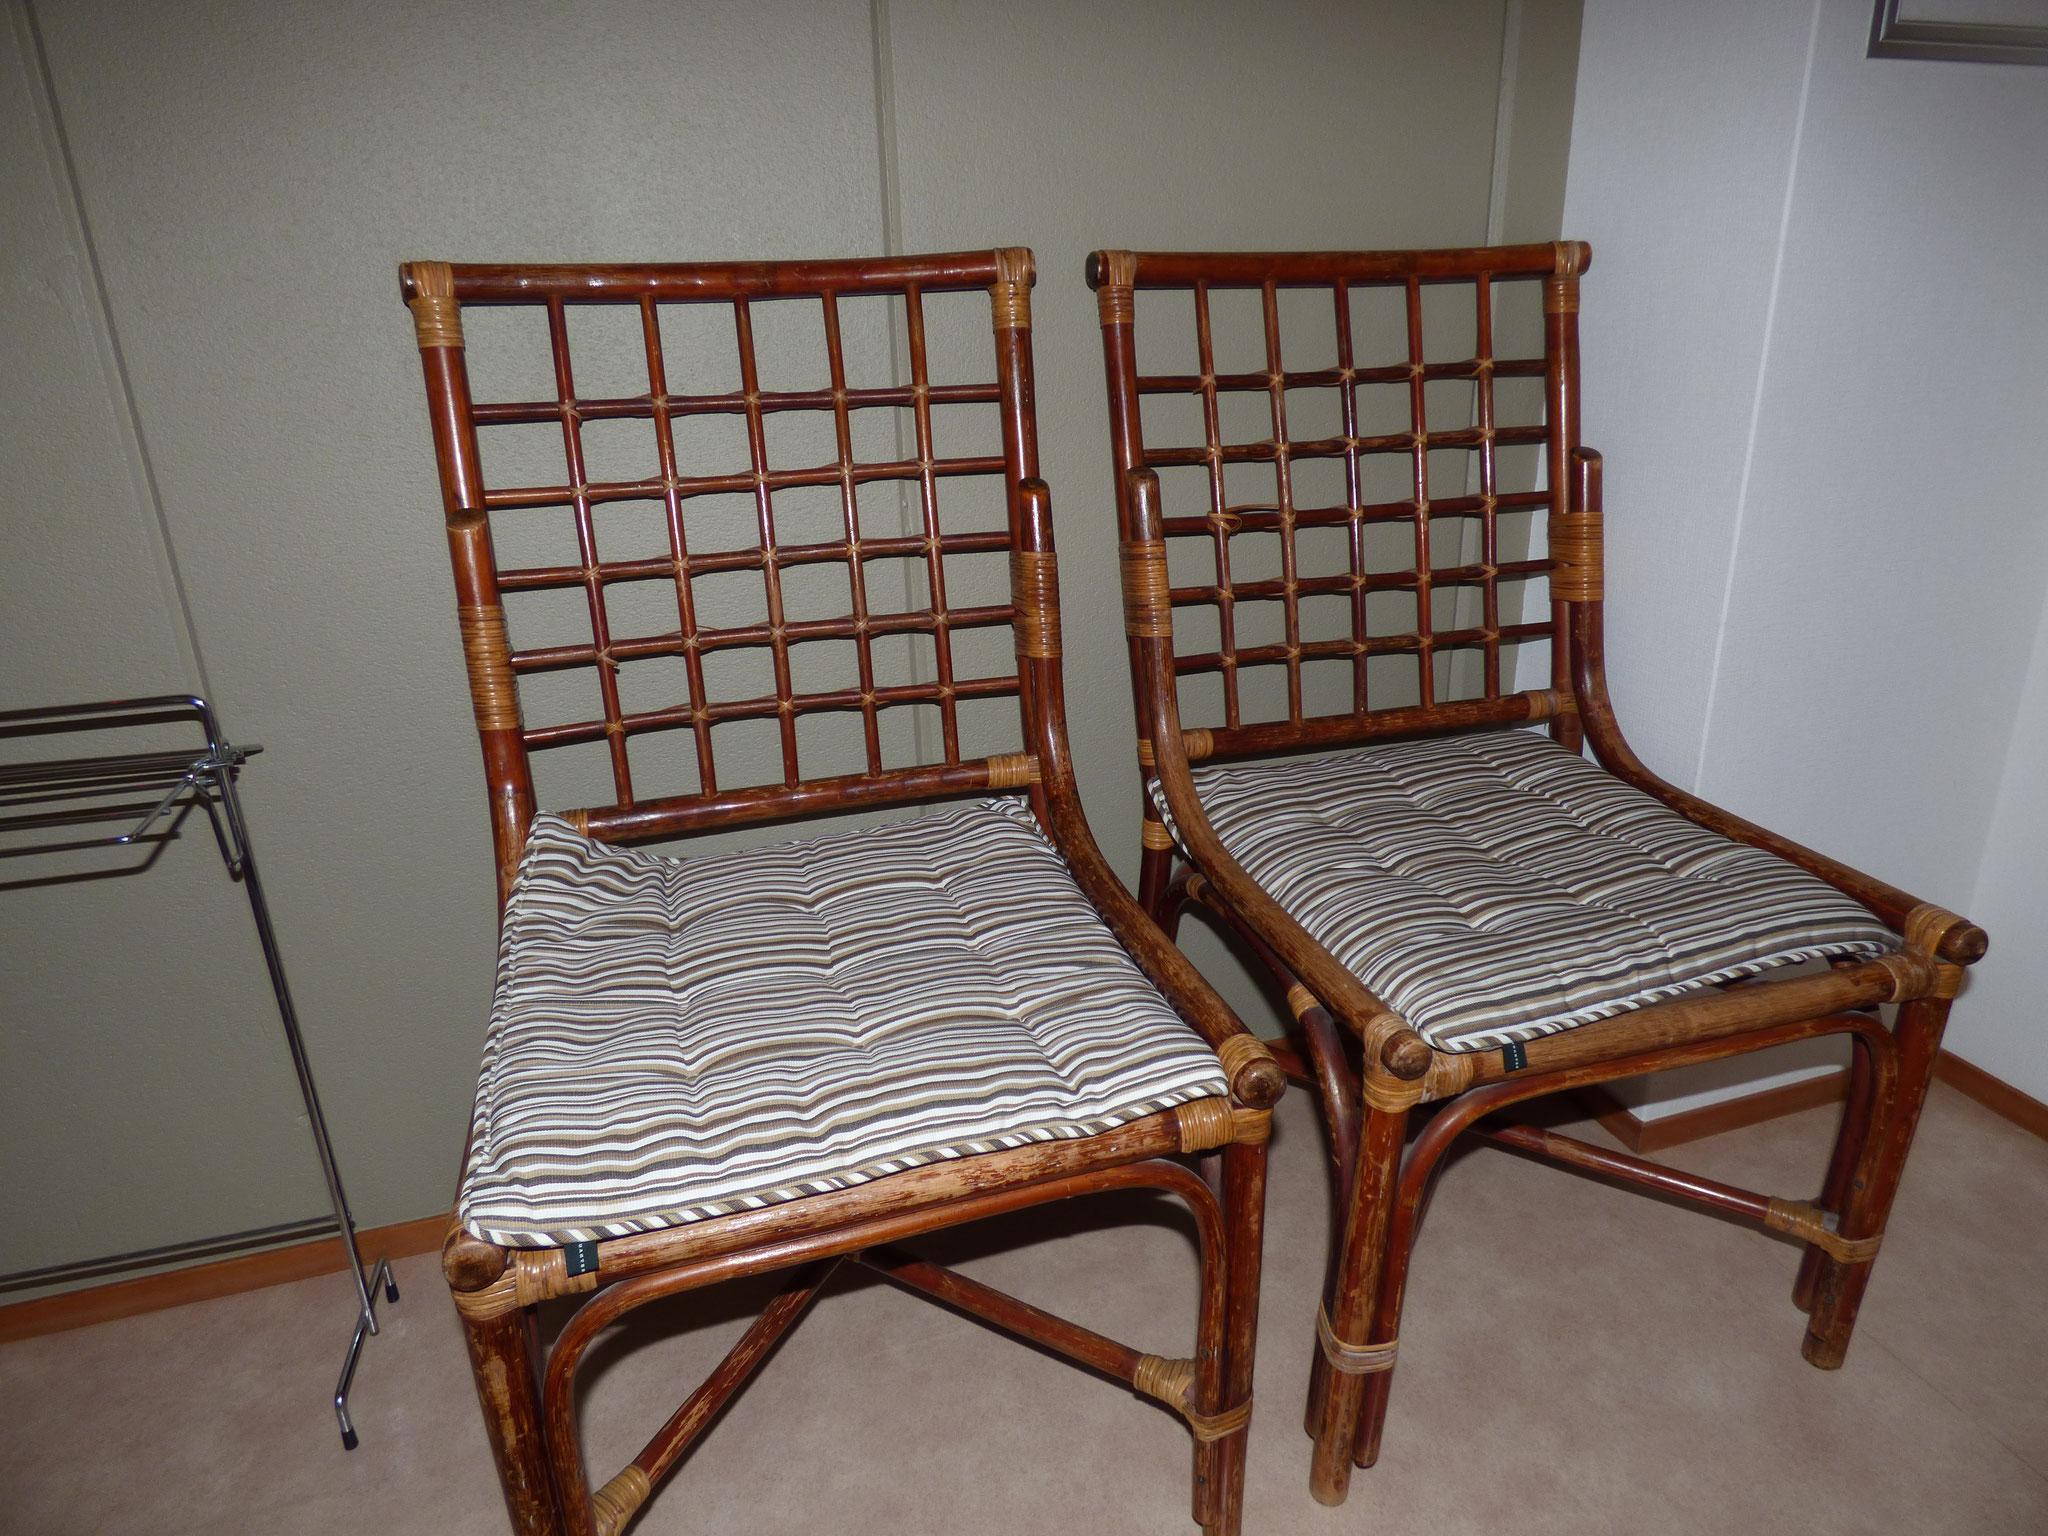 3Fシャワー室前の藤の椅子